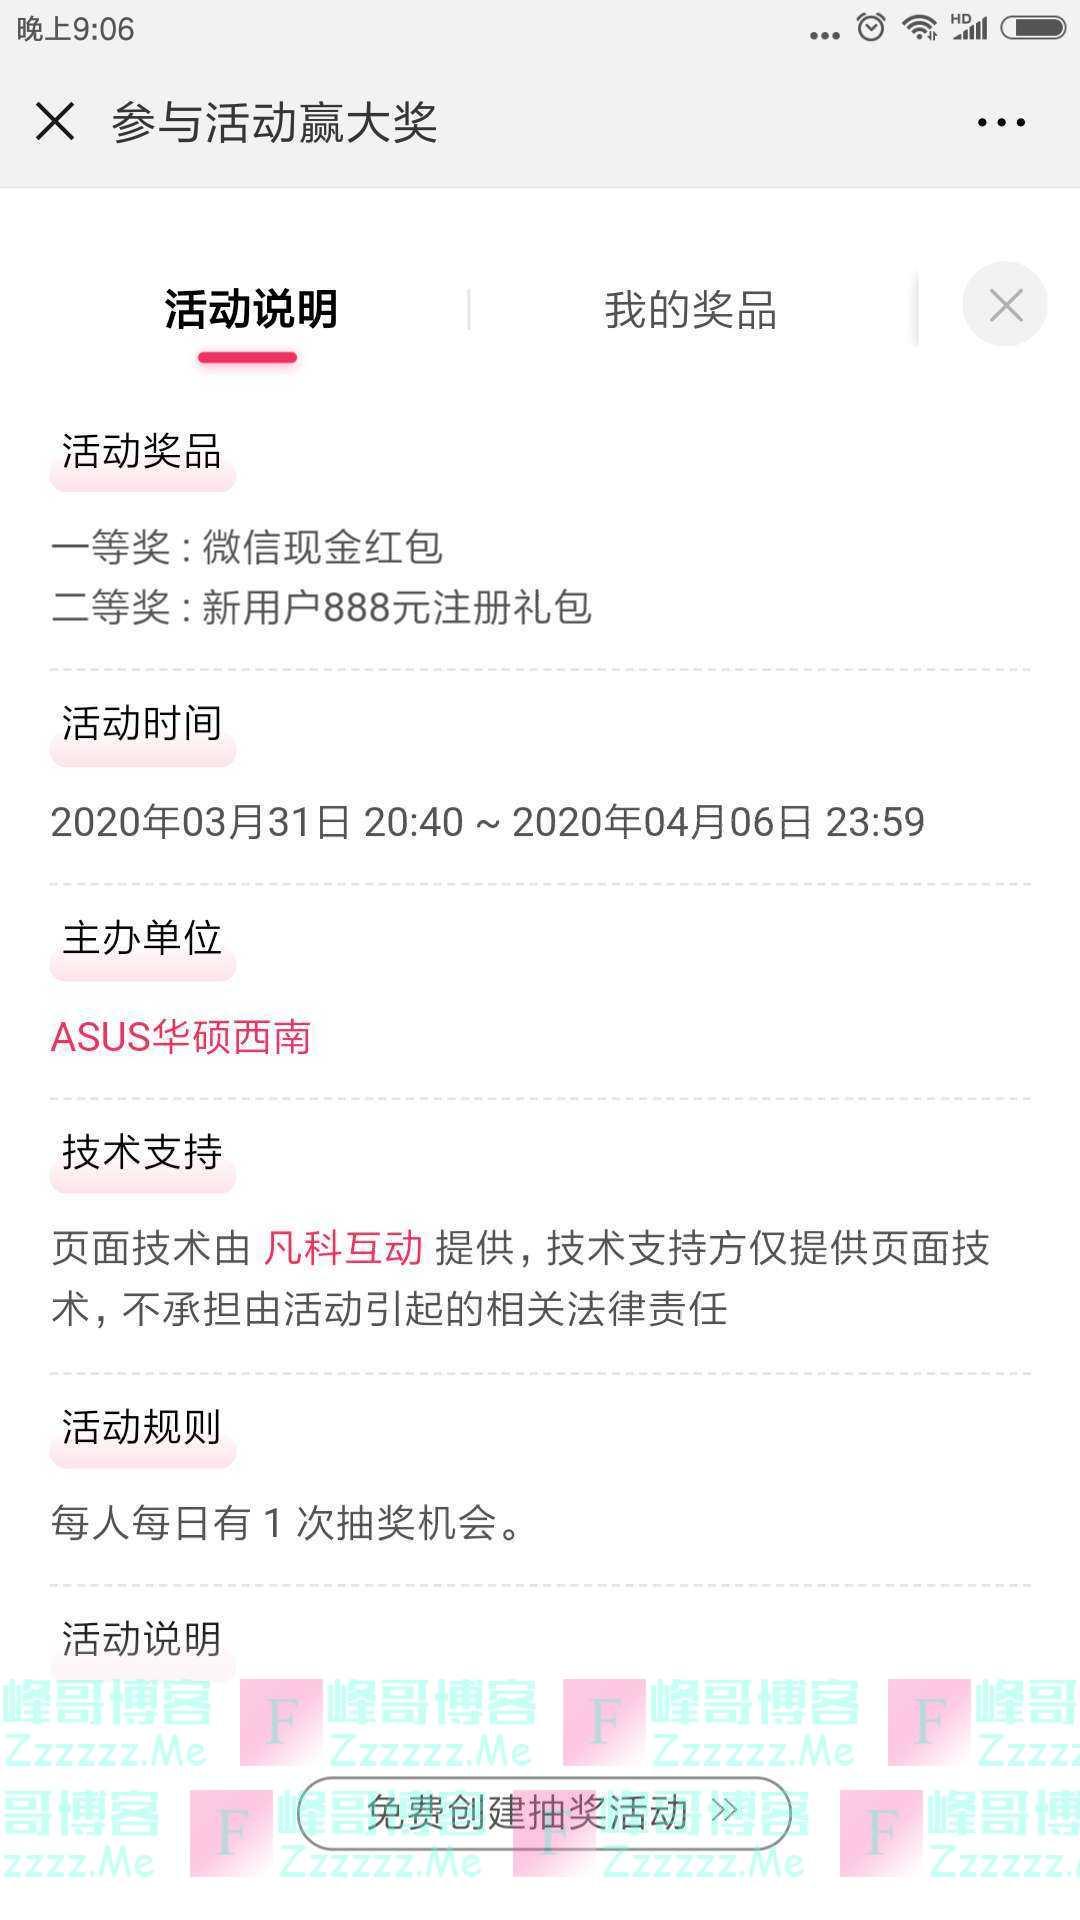 ASUS华硕西南本期红包(截止4月6日)